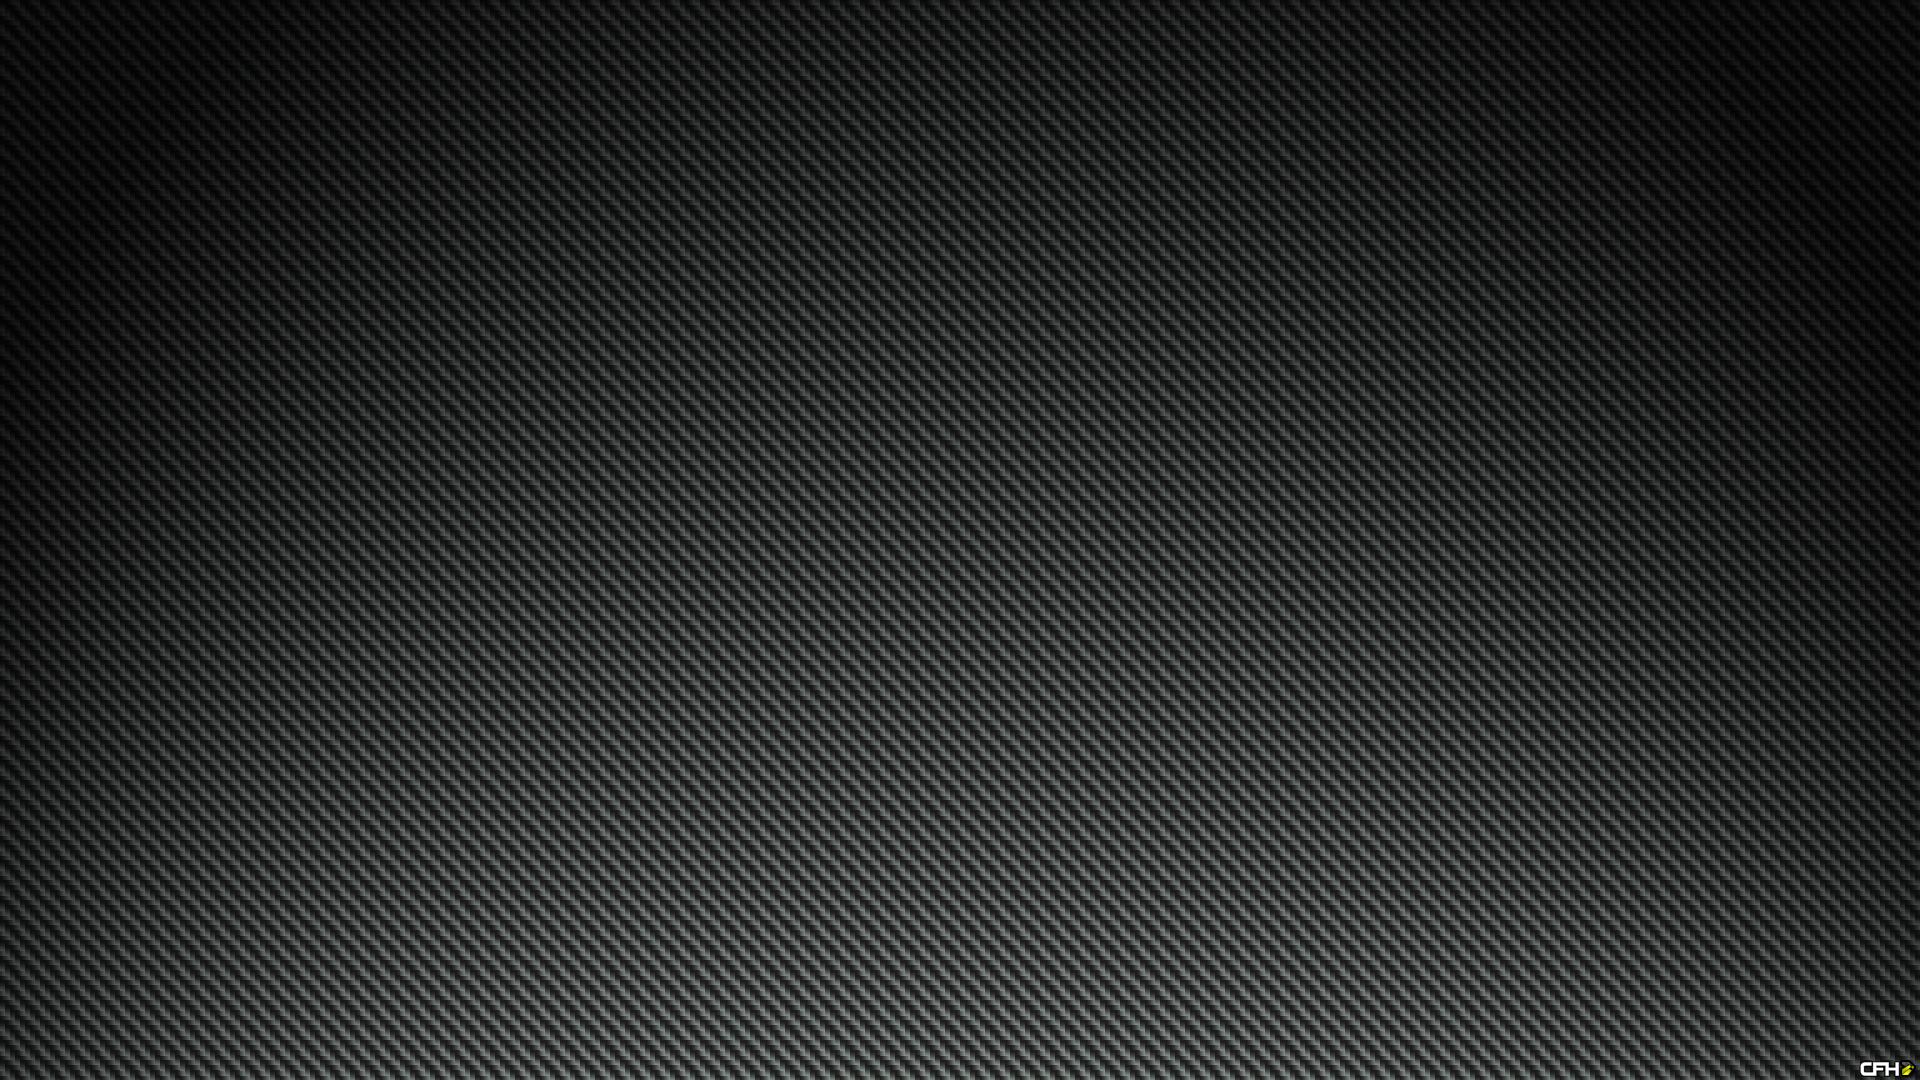 Carbon Fibre Wallpapers 1920x1080